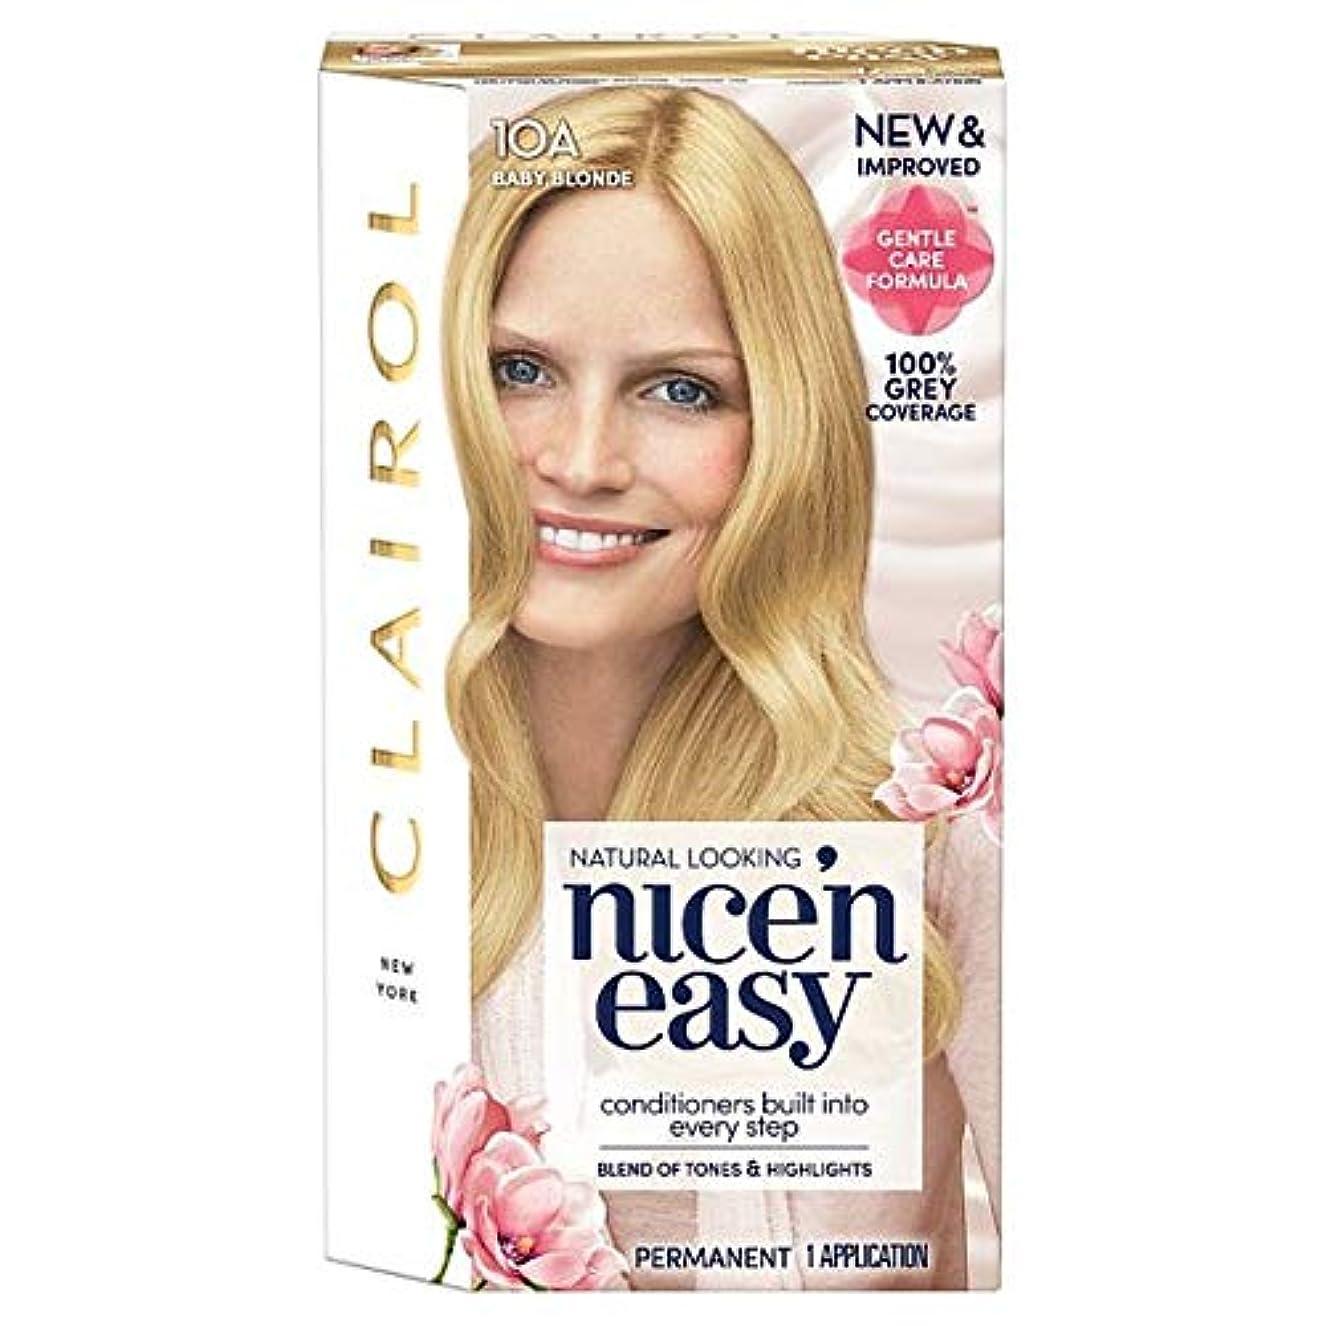 真向こう拍車オアシス[Nice'n Easy] クレイロール素敵な「N簡単赤ん坊ブロンド10Aの染毛剤 - Clairol Nice 'N Easy Baby Blonde 10A Hair Dye [並行輸入品]